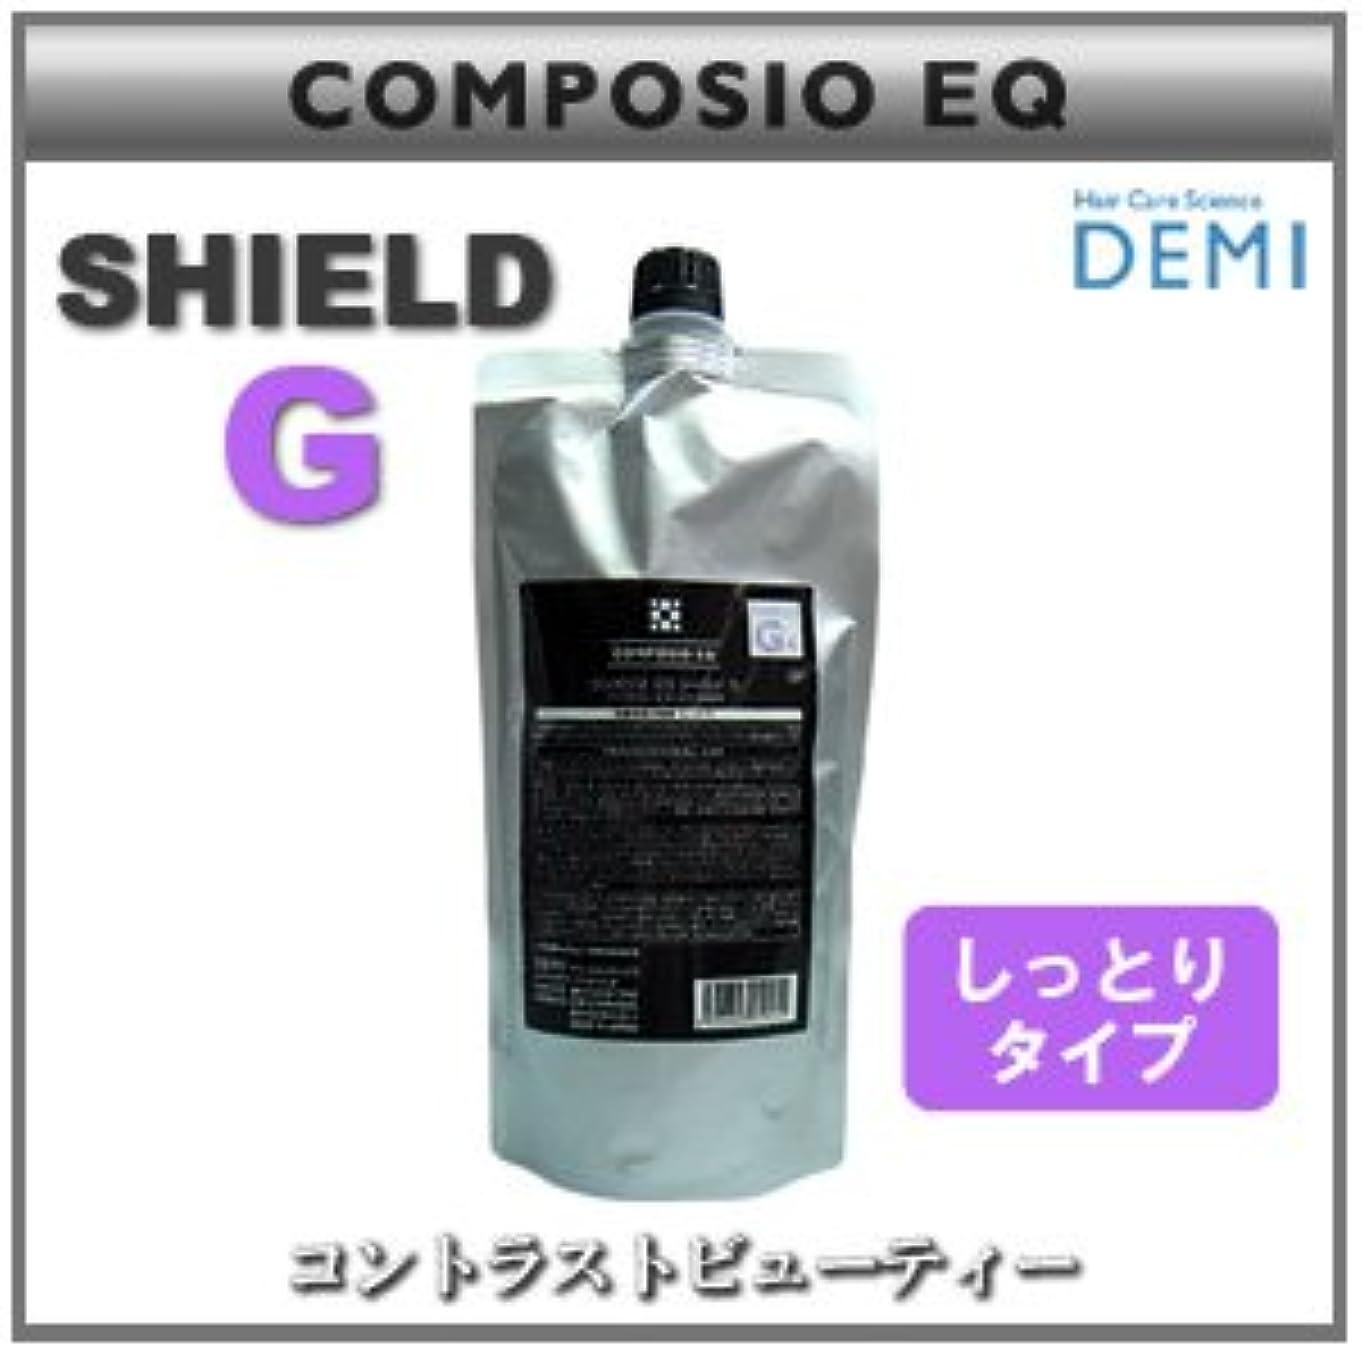 多数の志す重要な役割を果たす、中心的な手段となる【X5個セット】 デミ コンポジオ EQ シールド G 450g